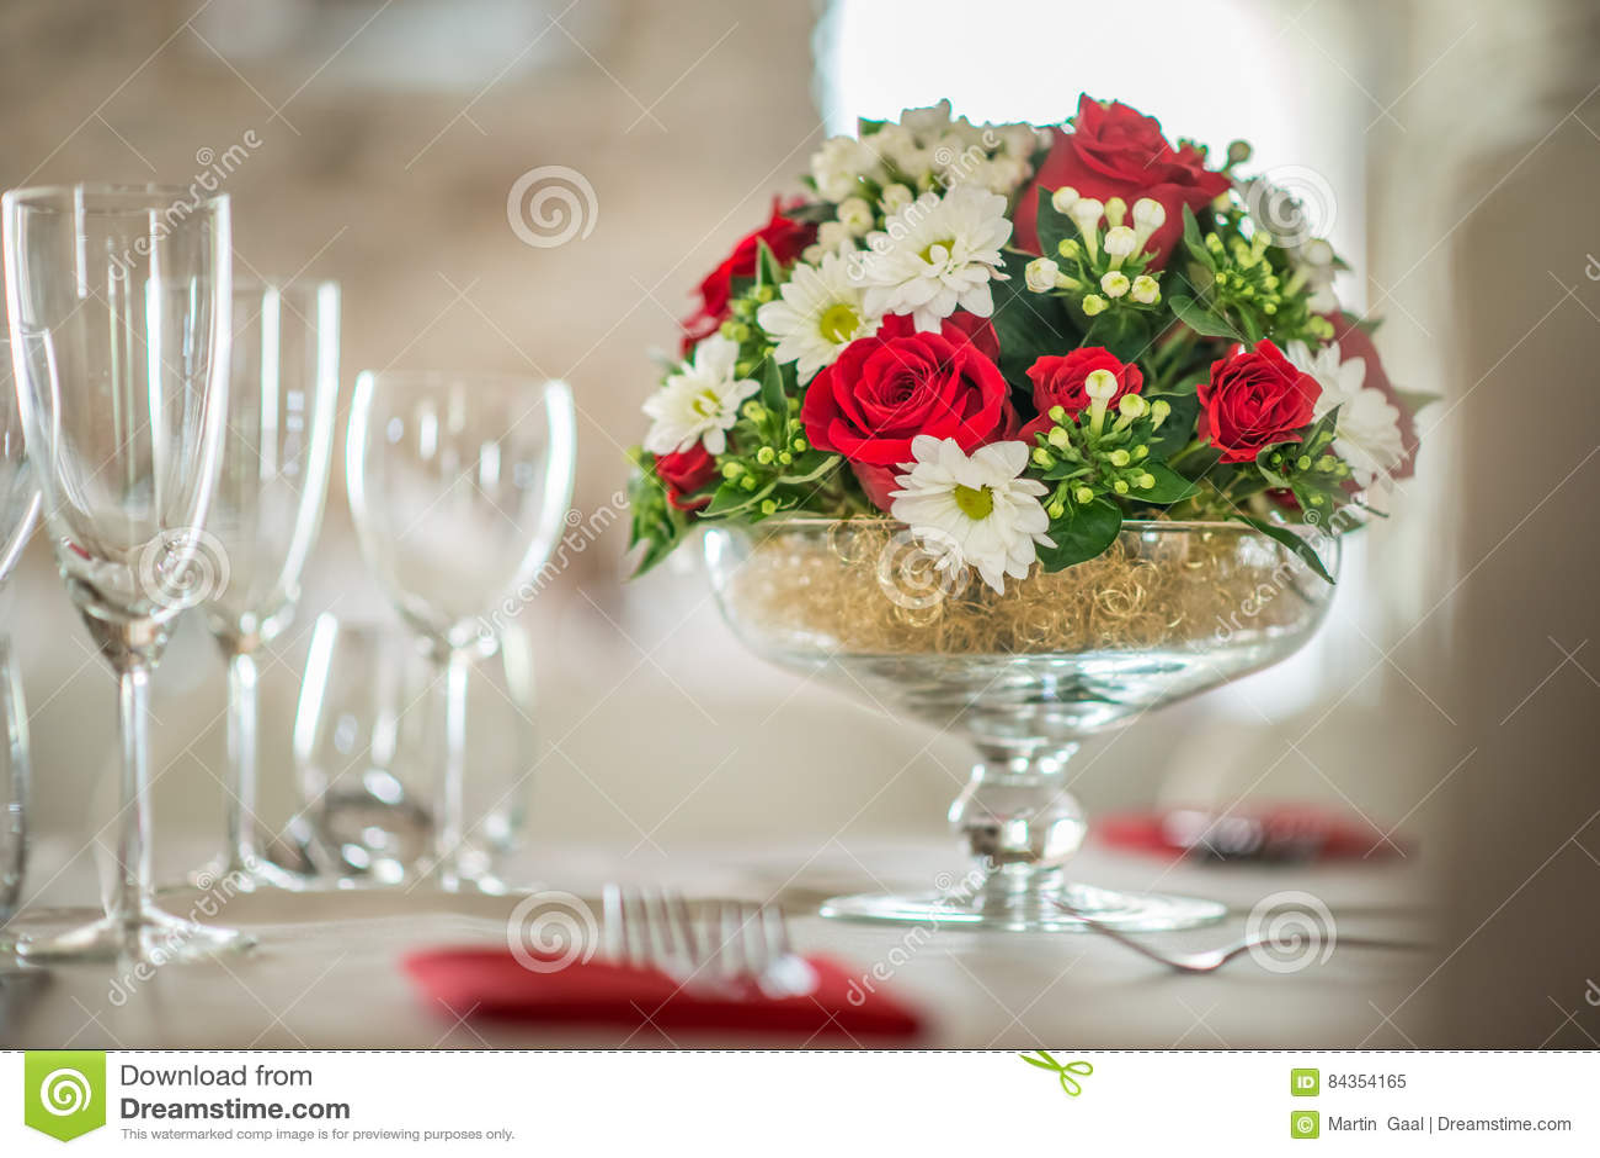 Blumentabellenmittelstuck Mit Roeses Und Ganseblumchen